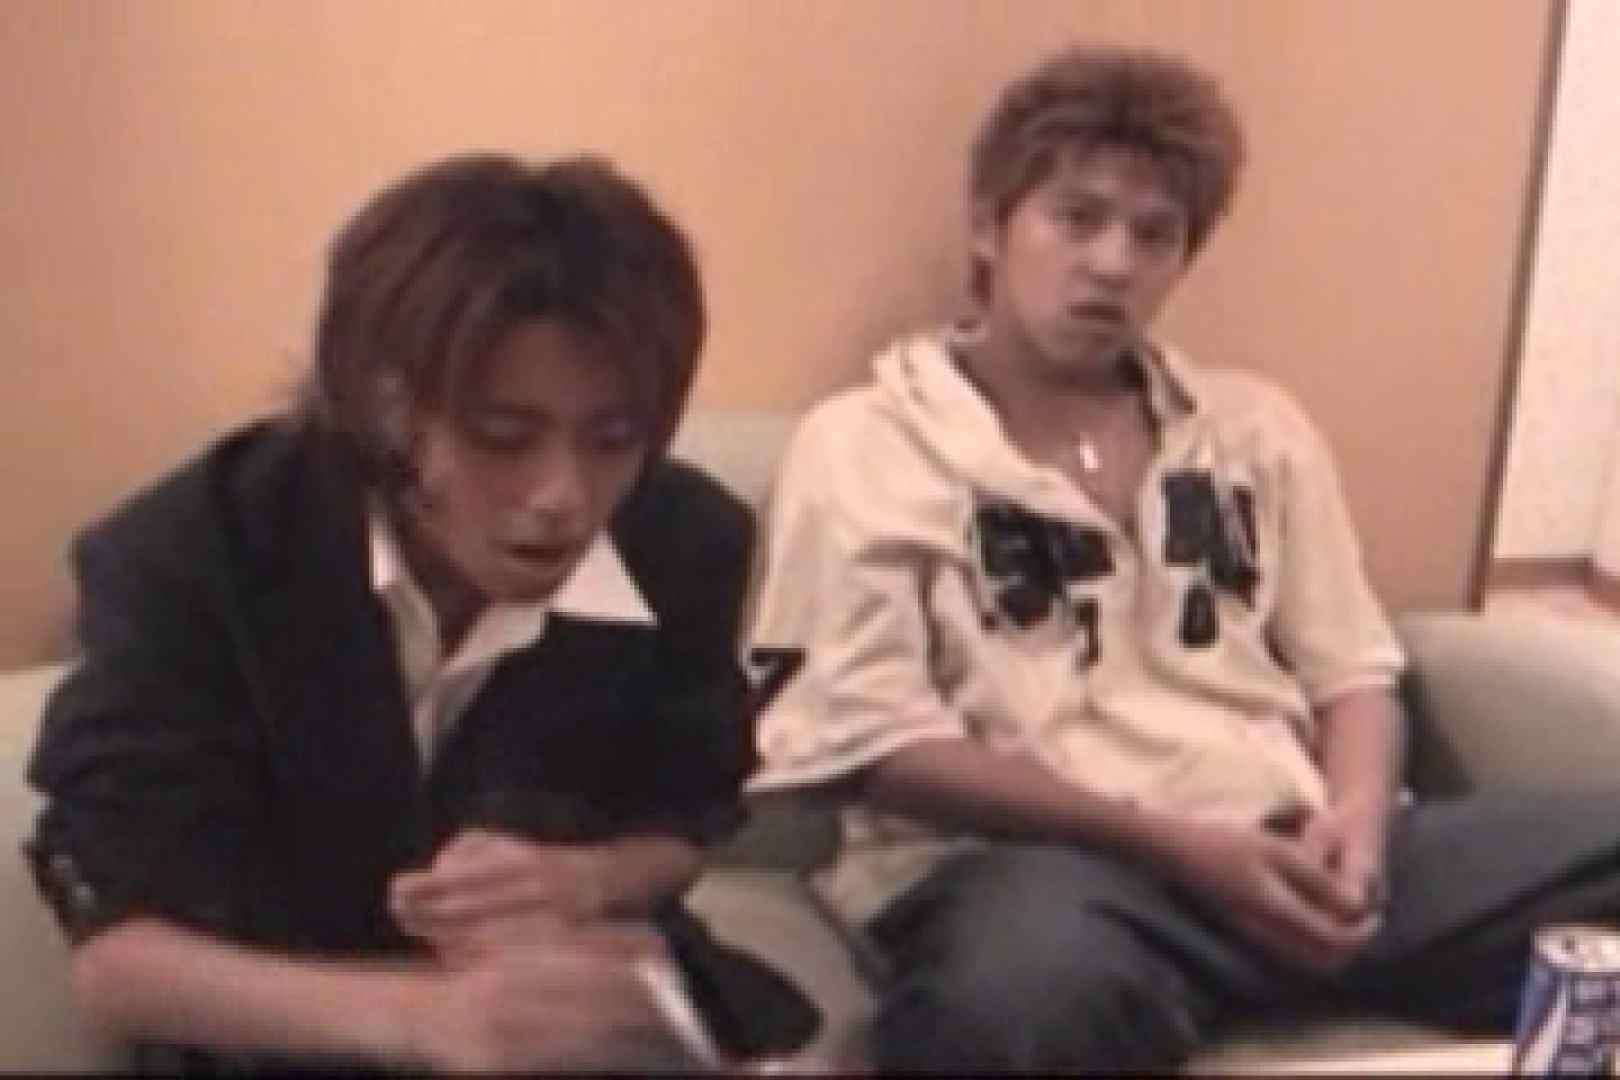 【流出】ジャニ系イケメン!!フライング&アナルが痛くて出来ません!! 茶髪 亀頭もろ画像 72枚 65